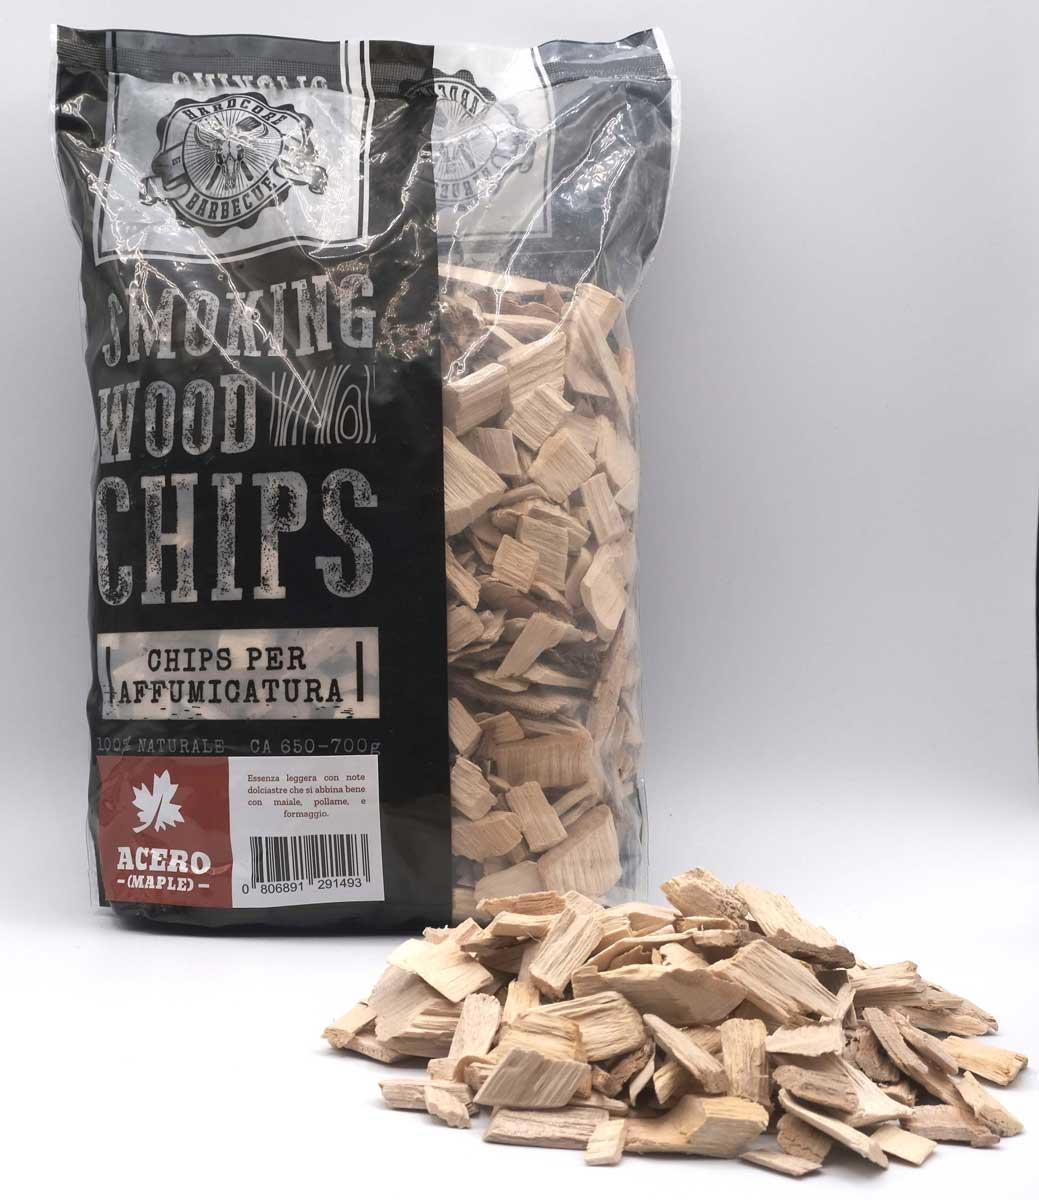 Maple Chips Acero Grigliare Duro